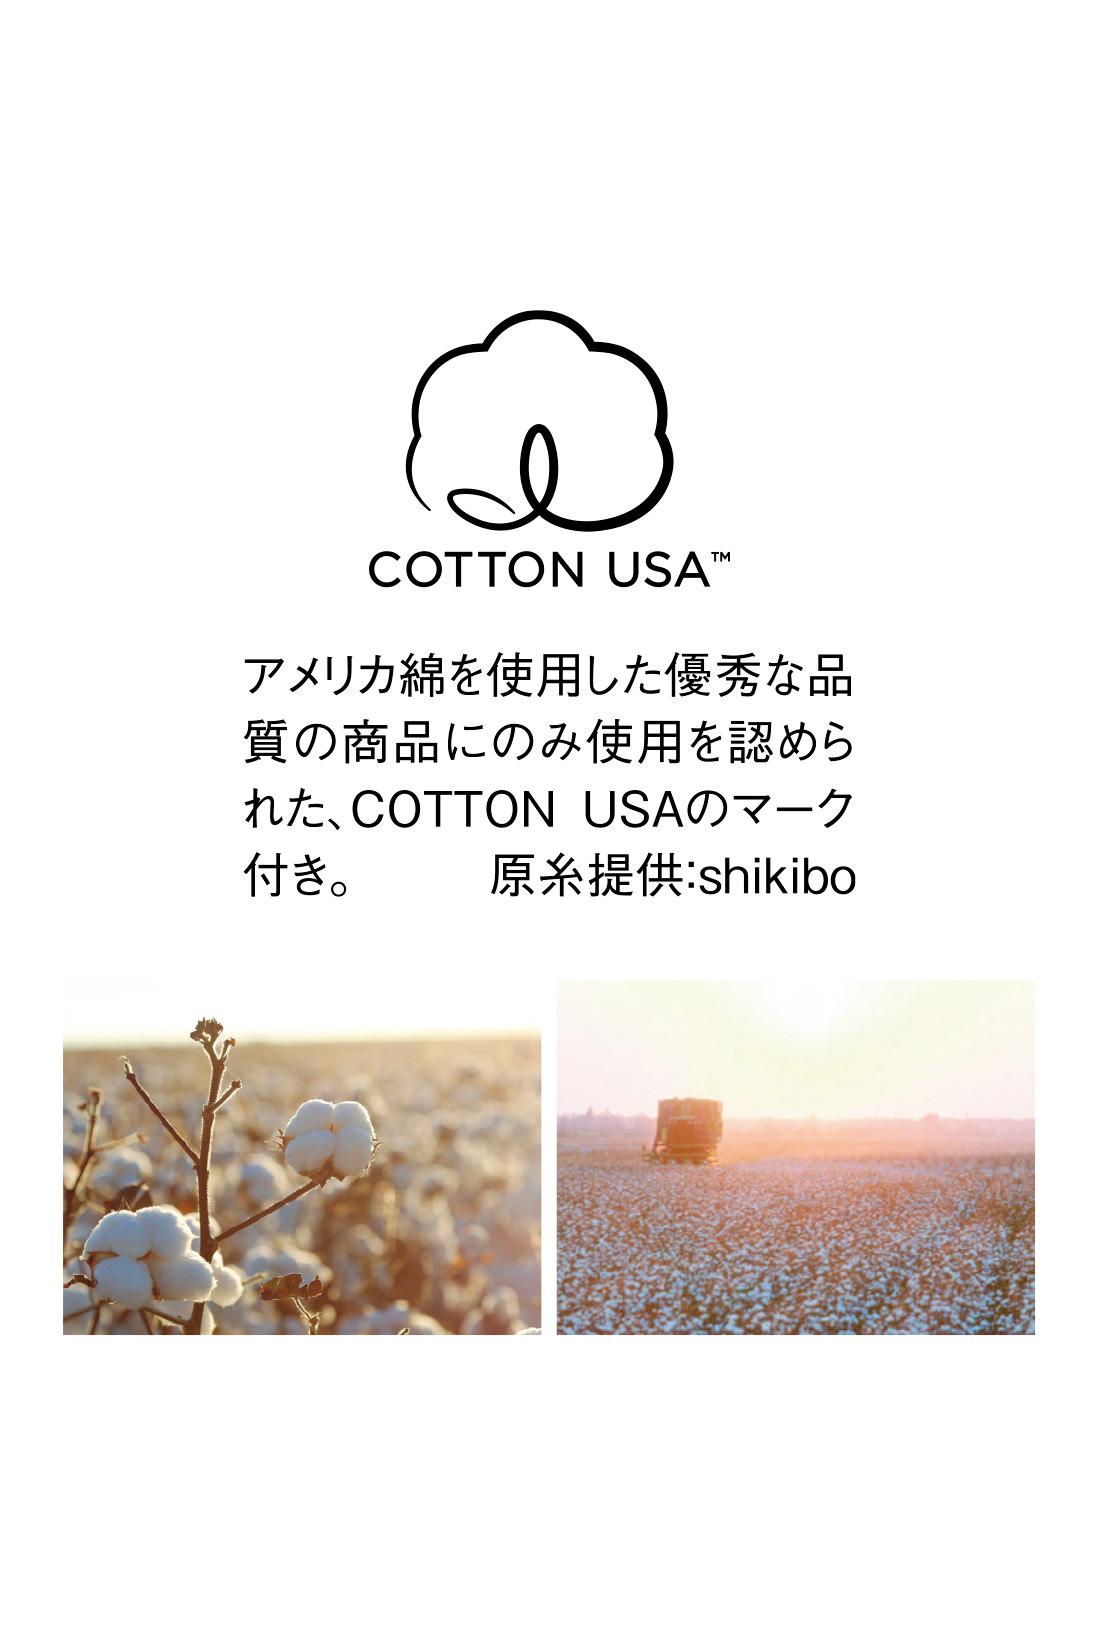 カリフォルニアコットンとは…… 米国カリフォルニア州のサンフォーキンバレー特有の、綿花栽培に適した気候が育んだ上質なコットンを使用。甘くよりをかけた糸で編み上げたふっくらソフトな着心地が特長。裏起毛加工でさらに暖か。